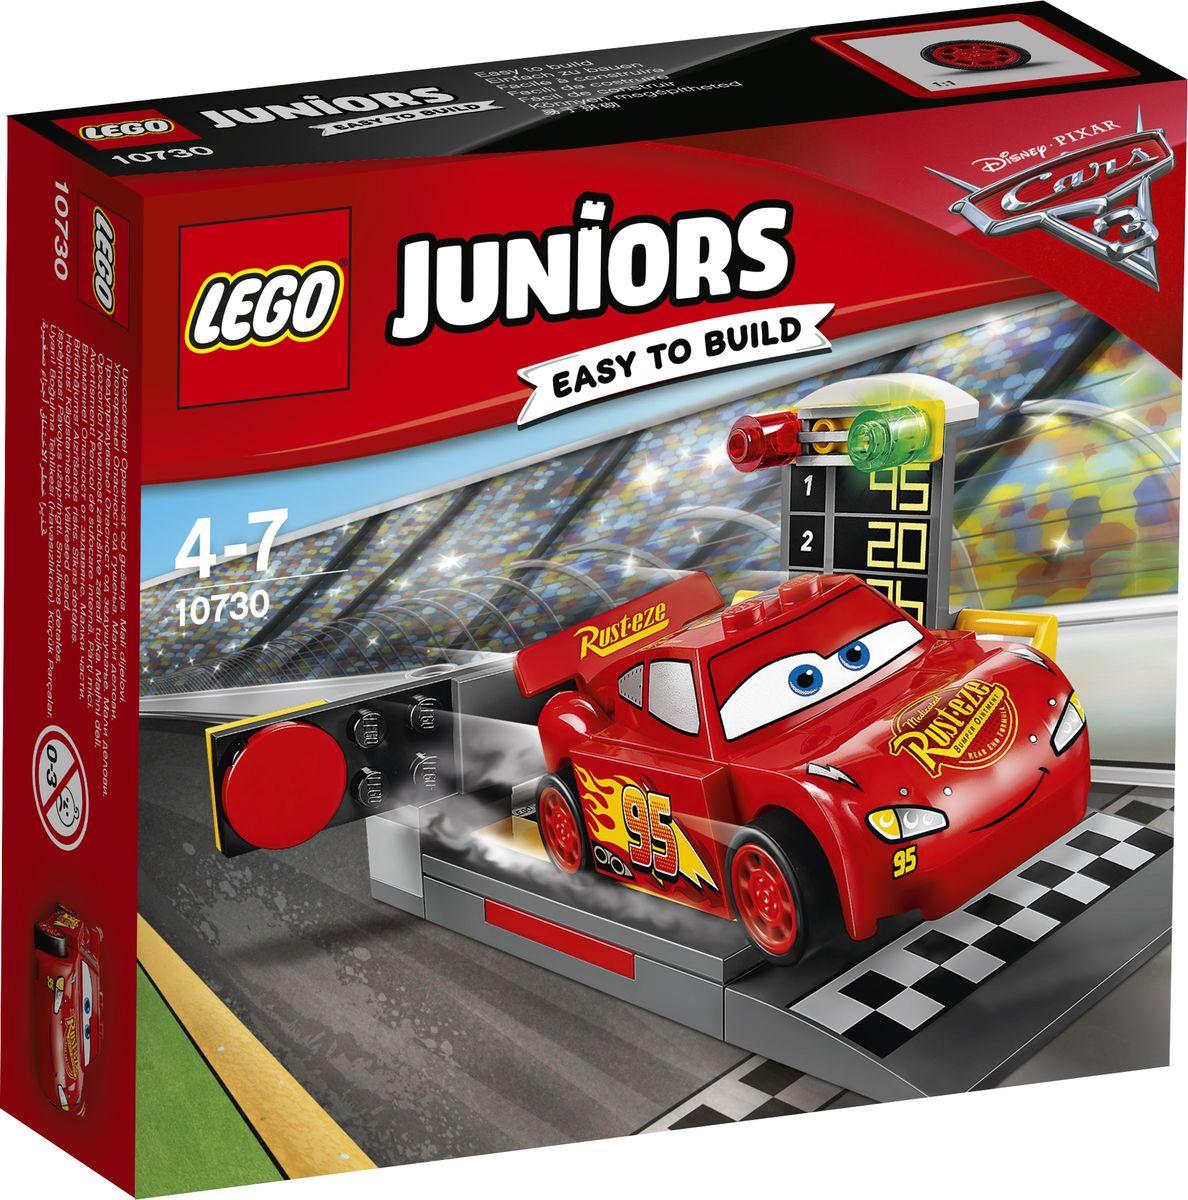 LEGO Juniors Конструктор Устройство для запуска Молнии МакКуина 10730 конструктор lego juniors устройство для запуска молнии маккуина 10730